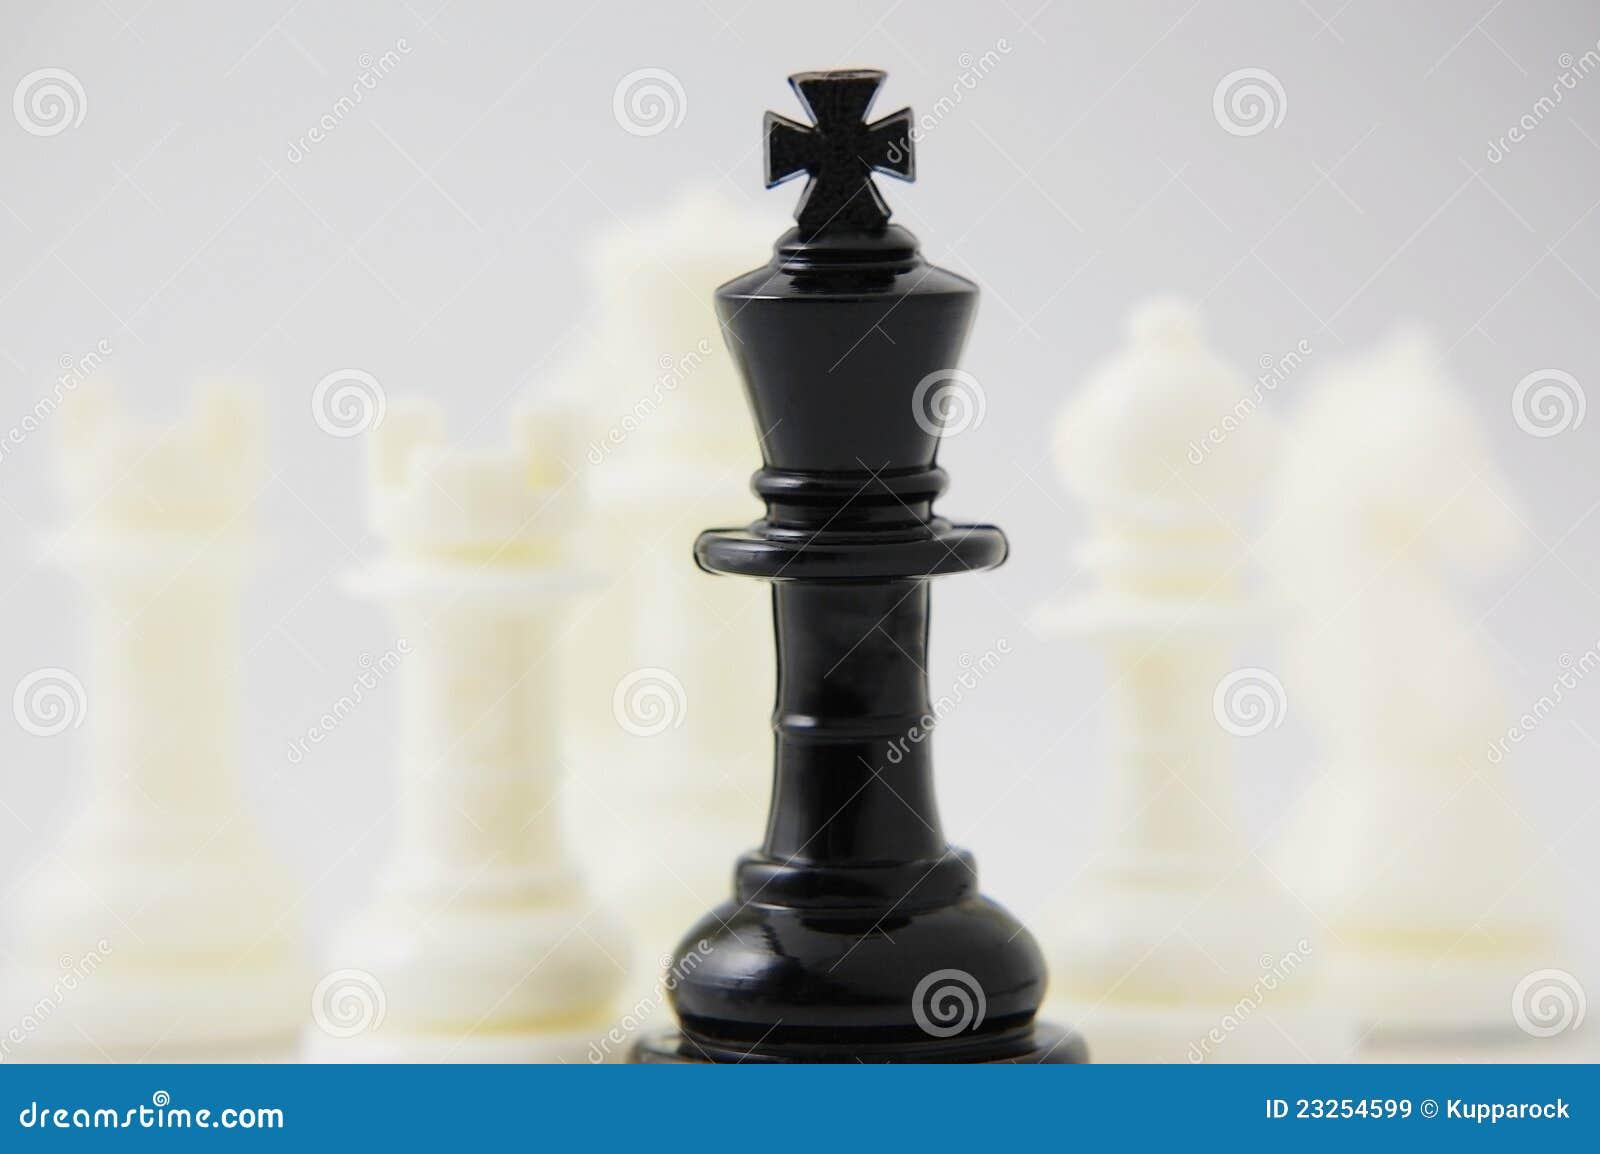 西洋棋棋子图片